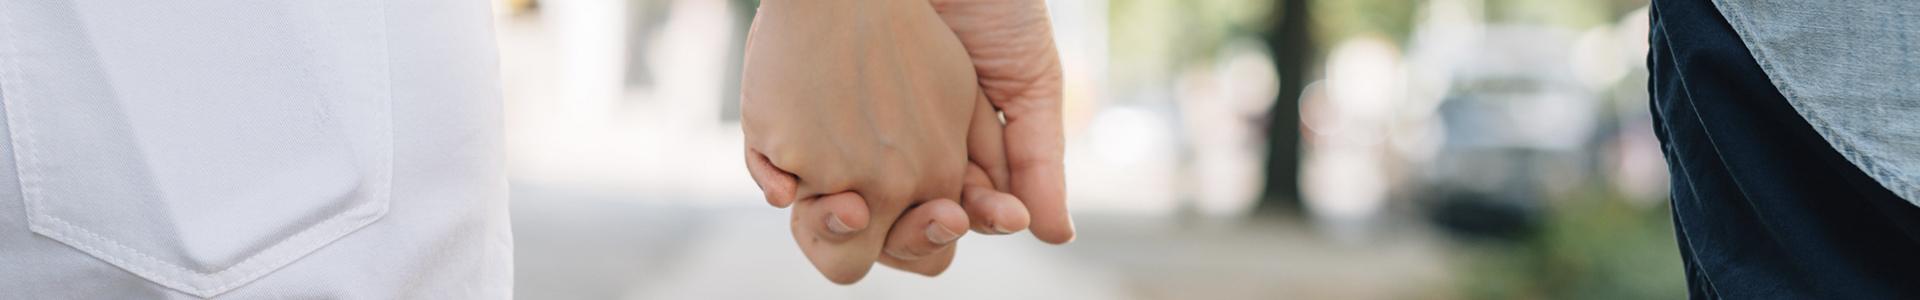 terapia de parejas en hortaleza madrid